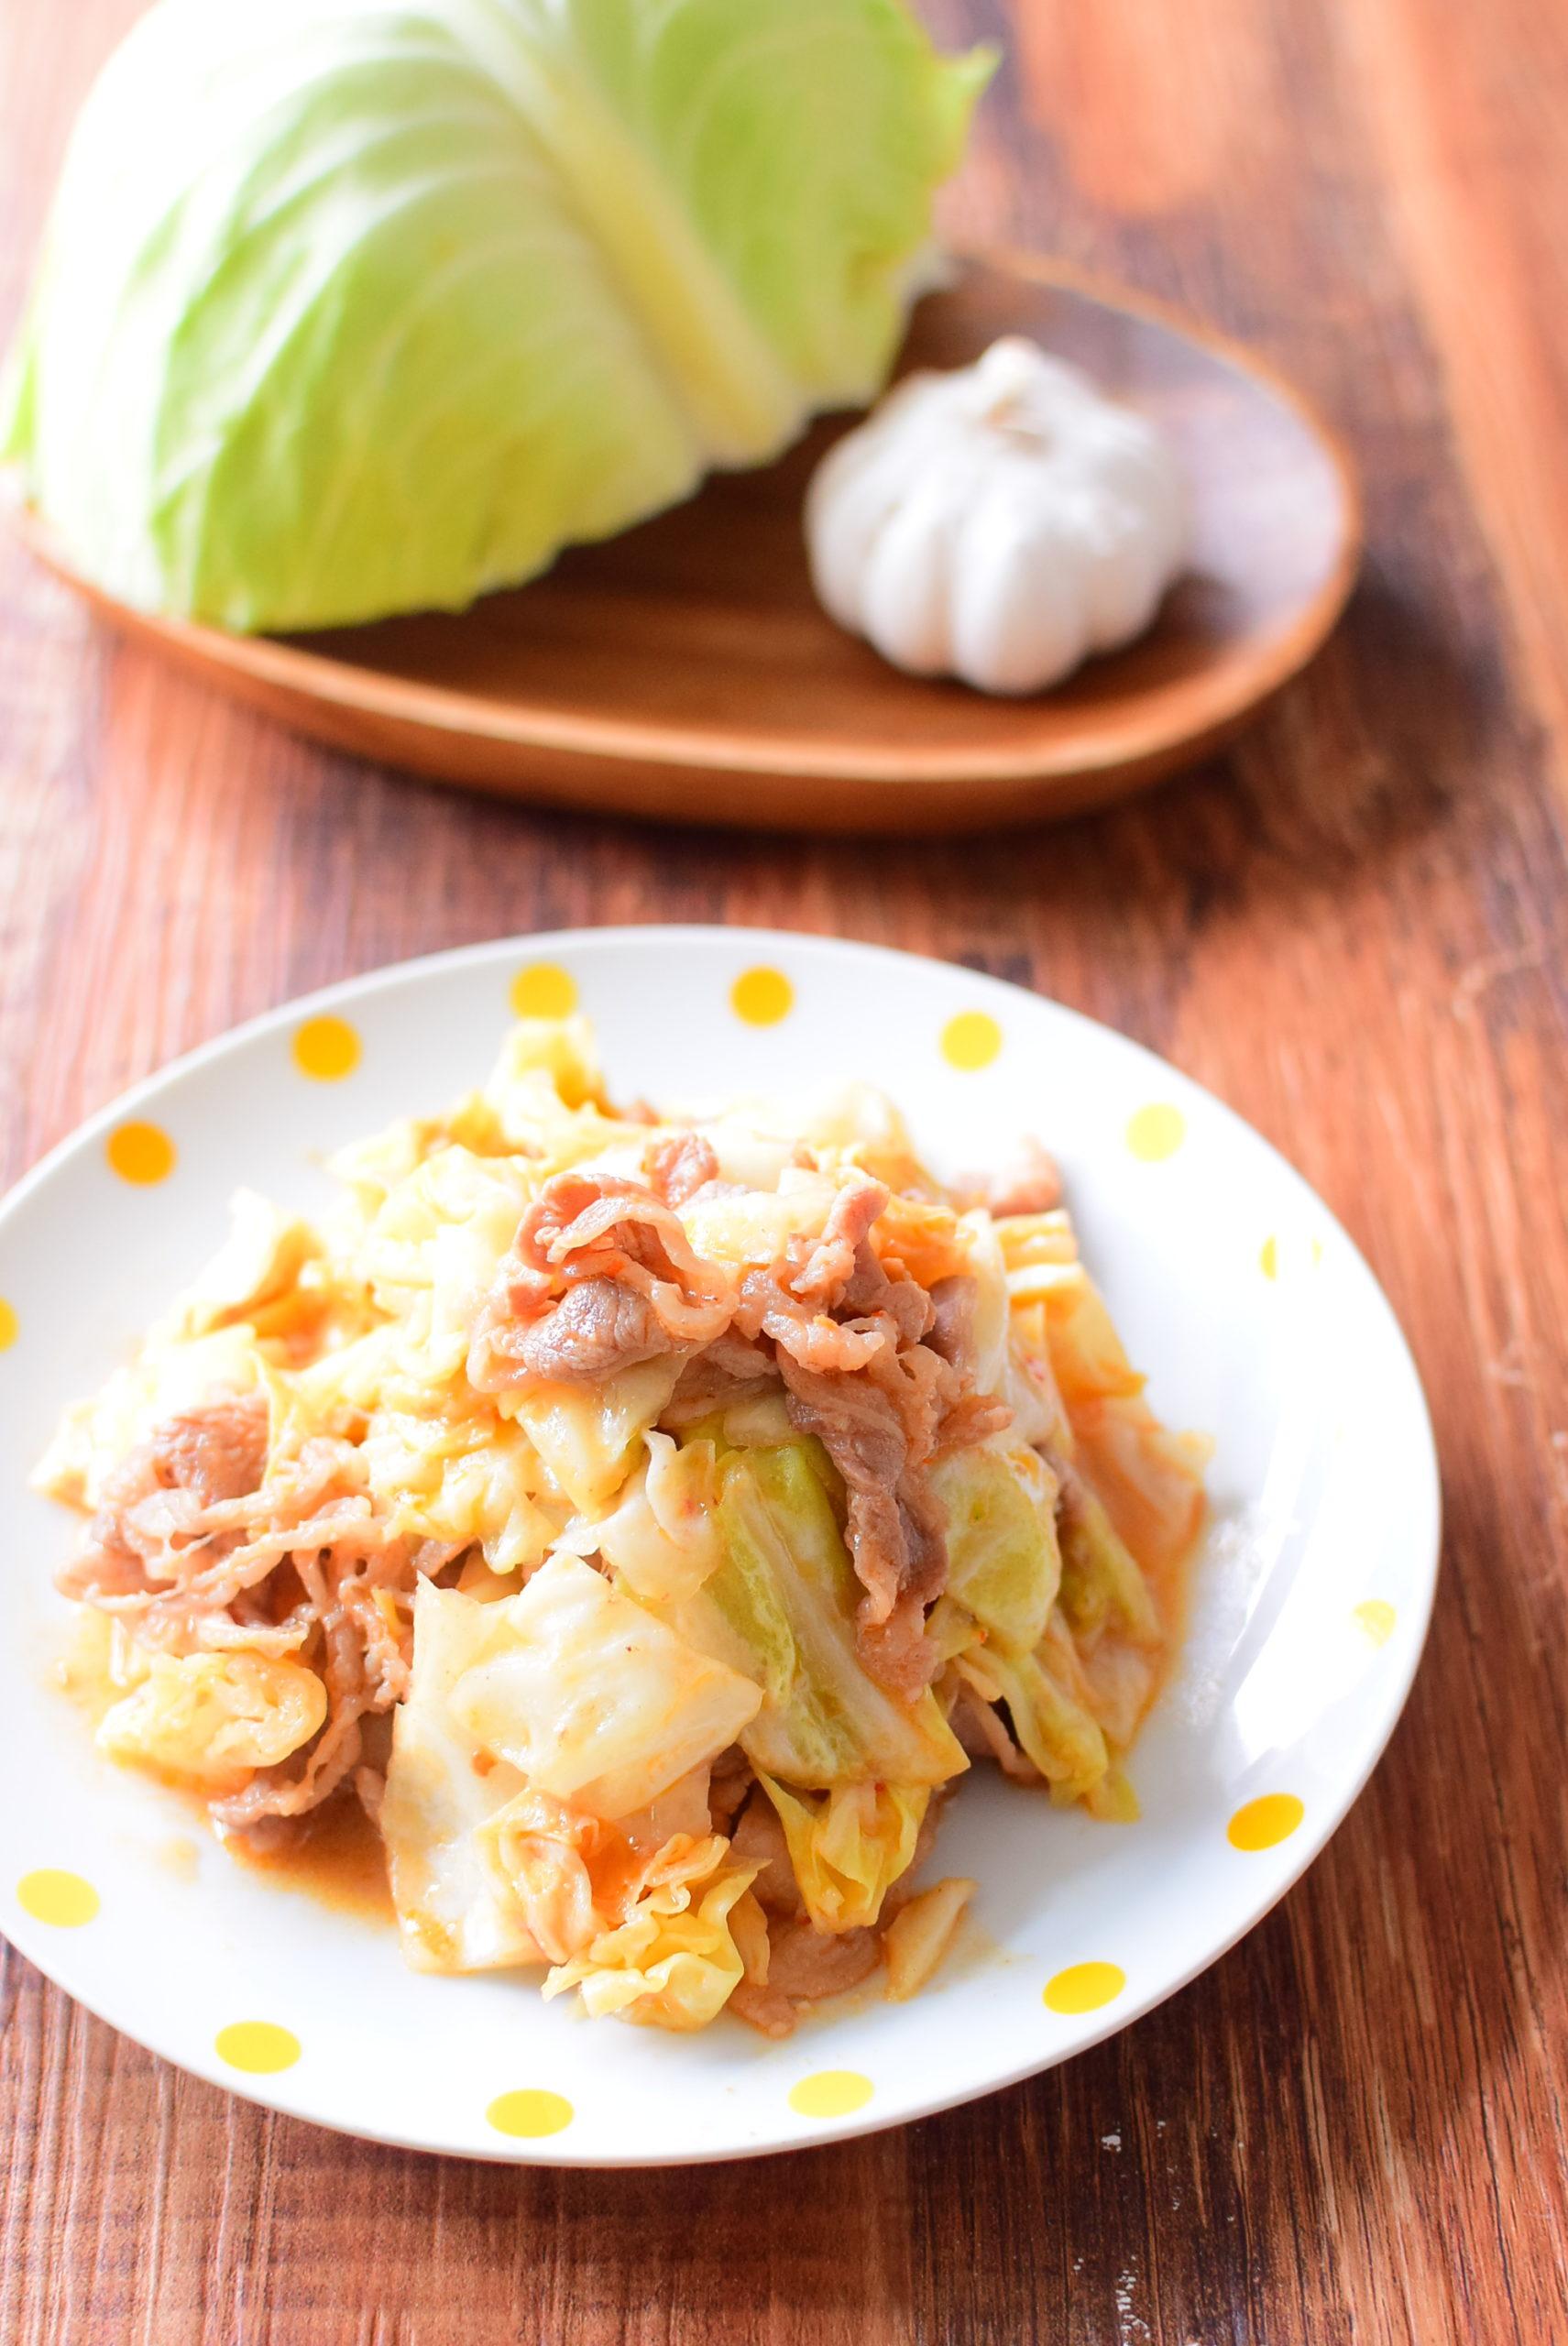 牛肉とキャベツのにんにく味噌炒めのレシピの写真